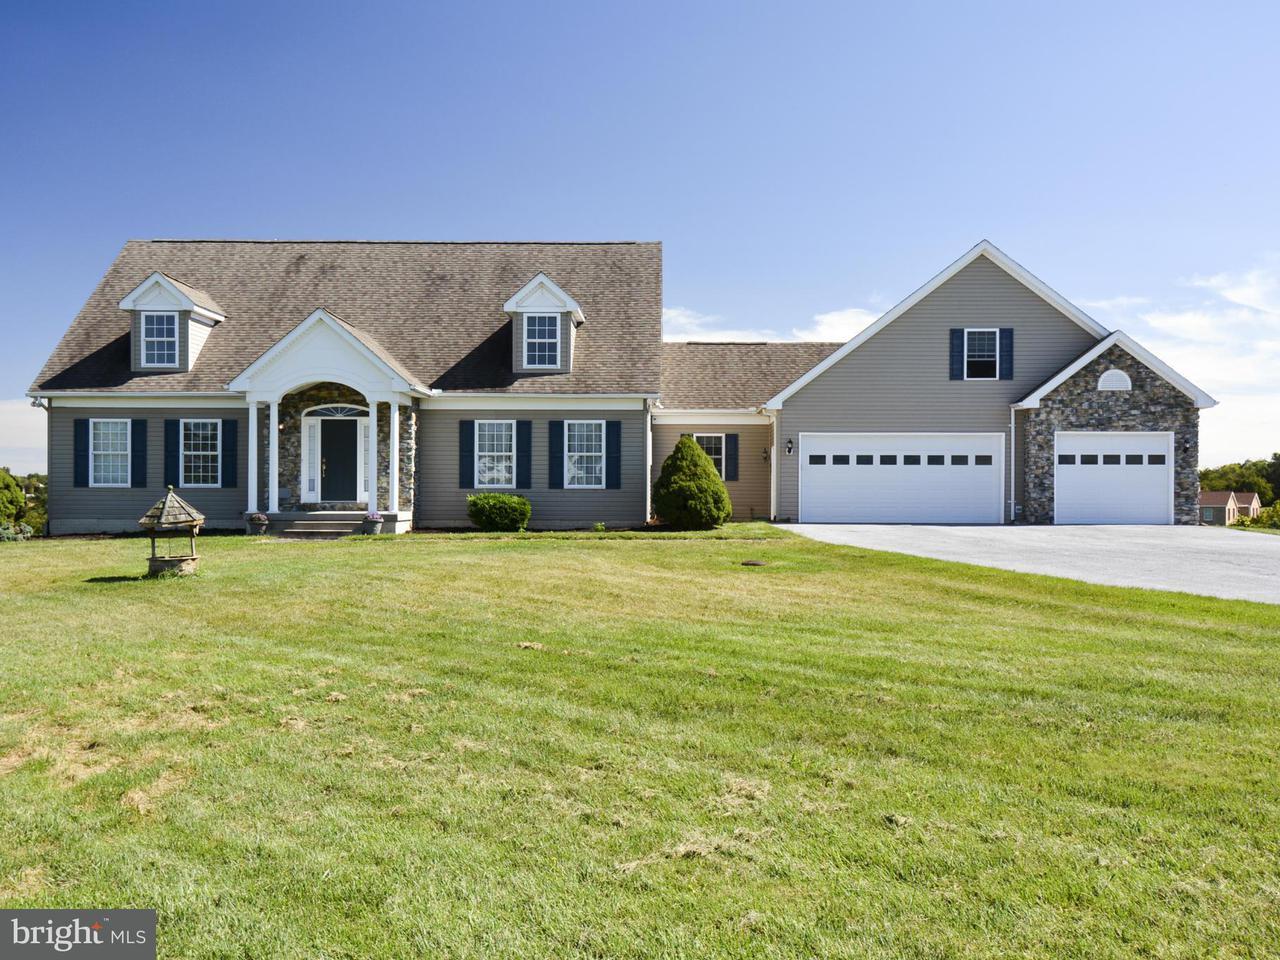 Μονοκατοικία για την Πώληση στο 3755 Maplecrest Drive 3755 Maplecrest Drive Knoxville, Μεριλαντ 21758 Ηνωμενεσ Πολιτειεσ